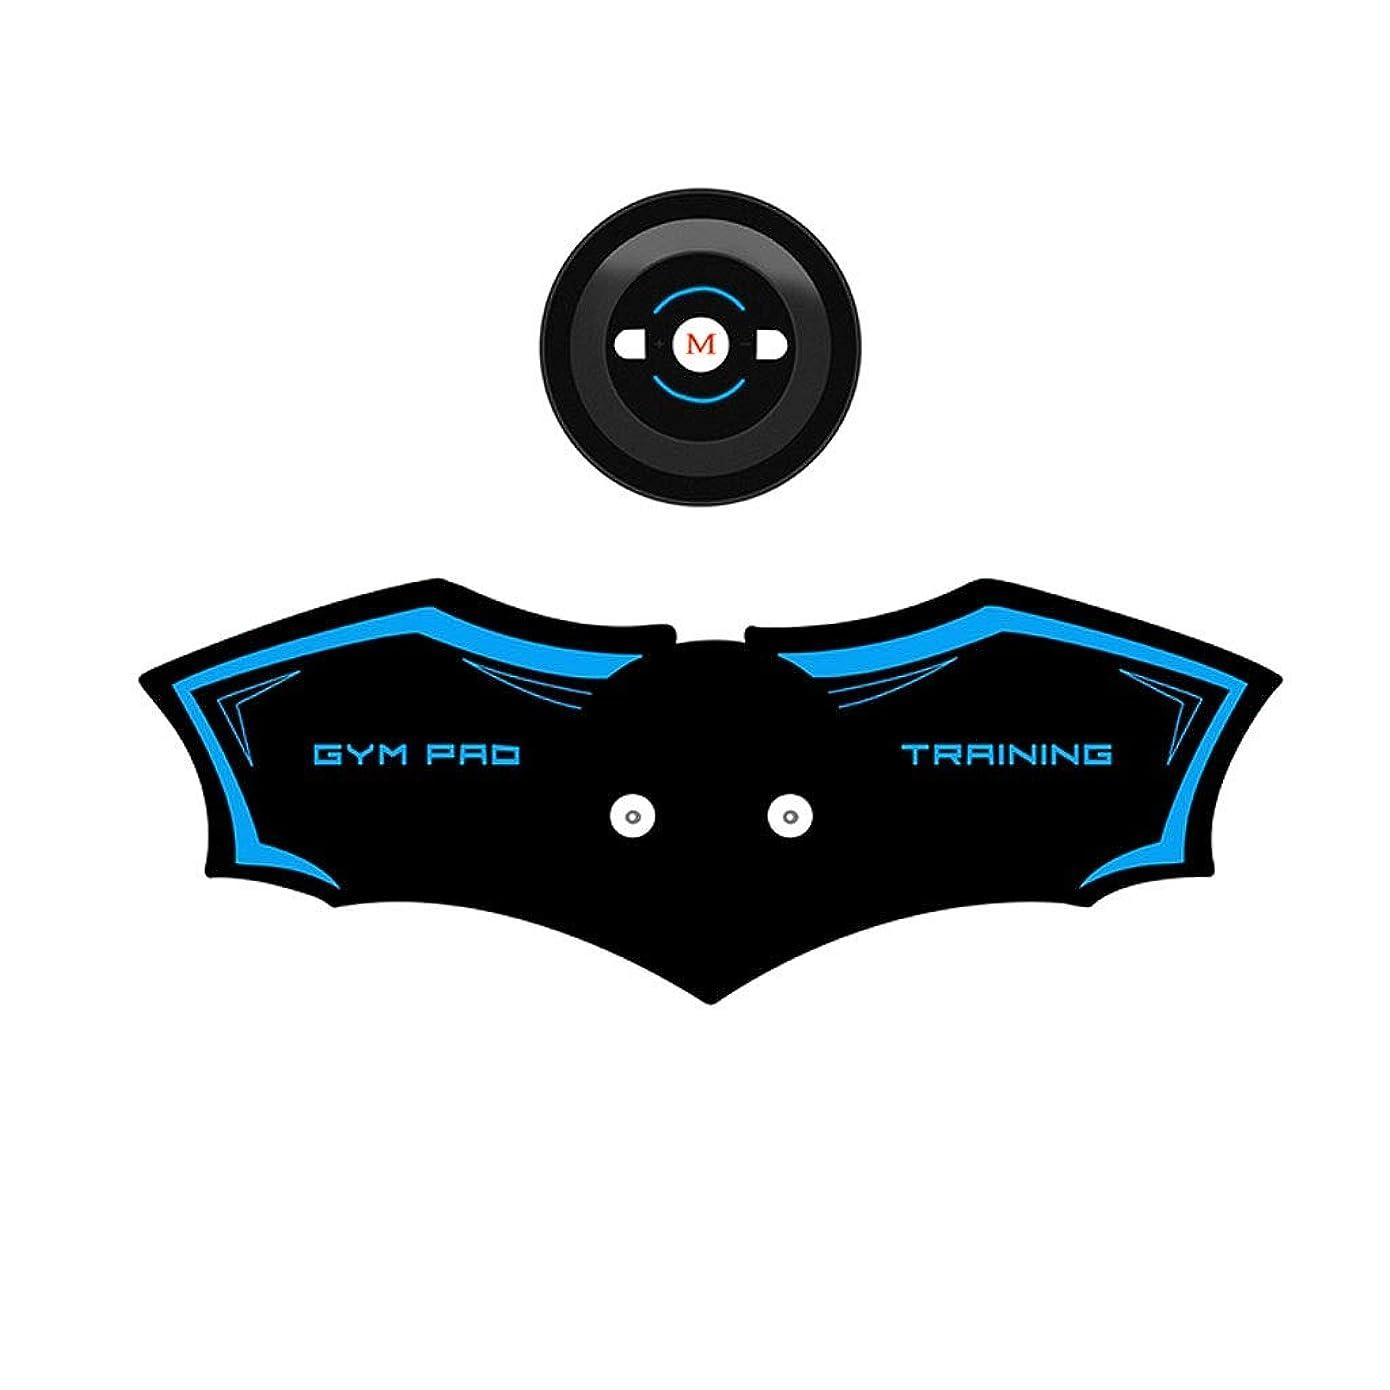 カメ人口社説ABSトレーナーEMS筋肉刺激装置付き - USB充電式究極腹部刺激装置付きリズム&ソフトインパルス - ポータブル筋肉トナーで簡単な操作 (Color : Blue, Size : A)